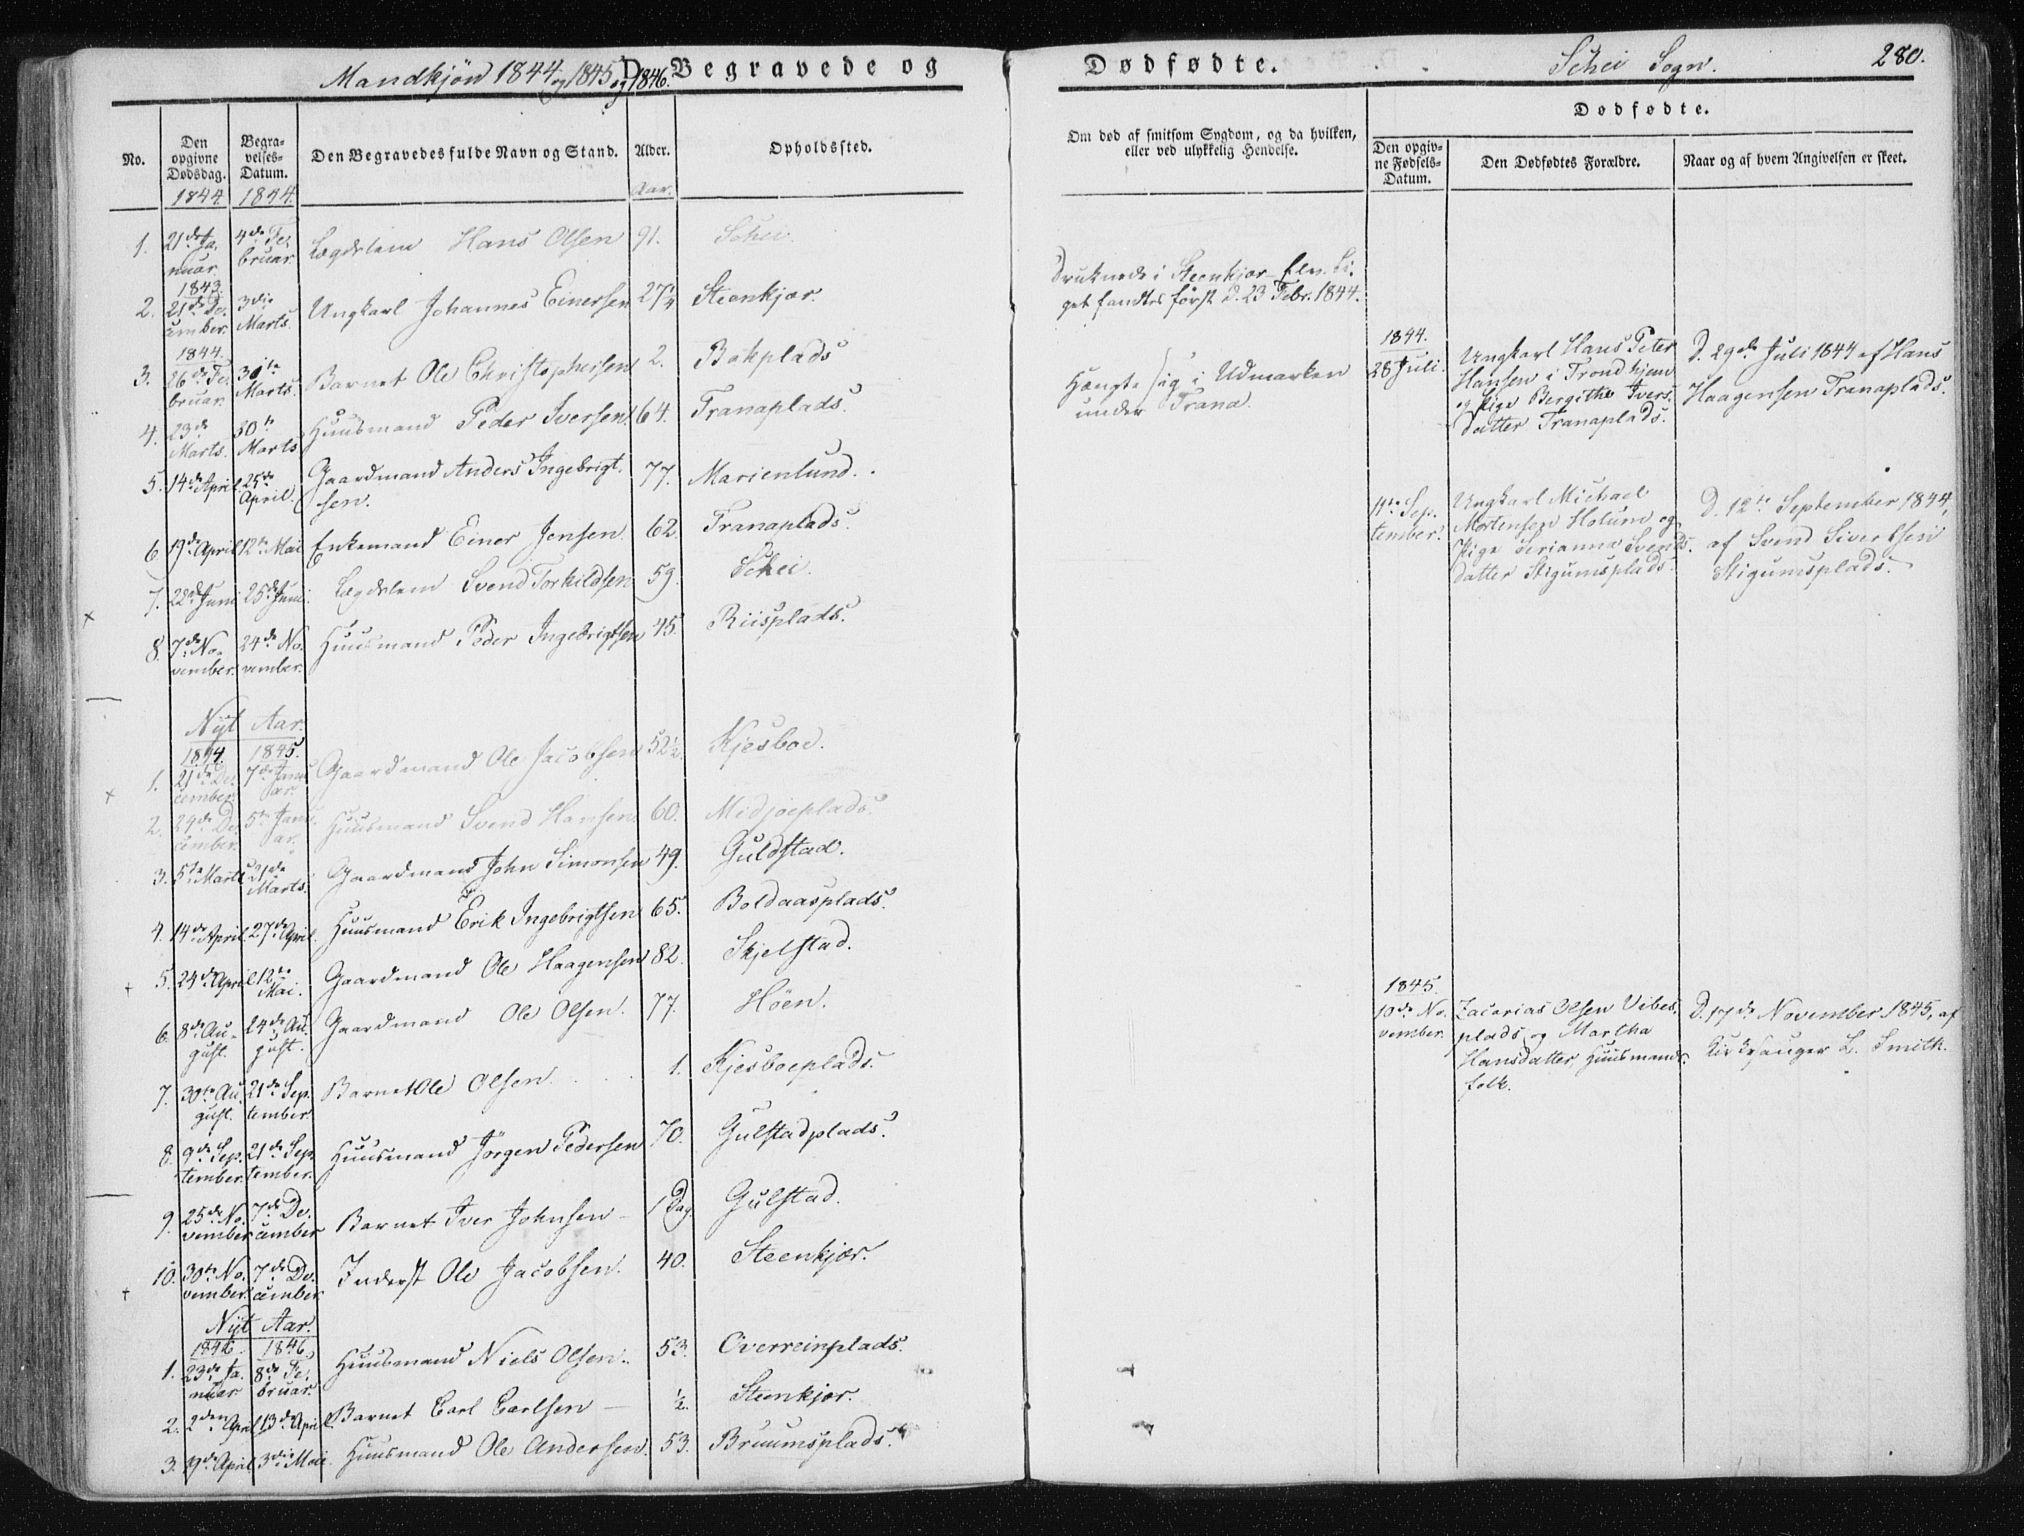 SAT, Ministerialprotokoller, klokkerbøker og fødselsregistre - Nord-Trøndelag, 735/L0339: Ministerialbok nr. 735A06 /2, 1836-1848, s. 280